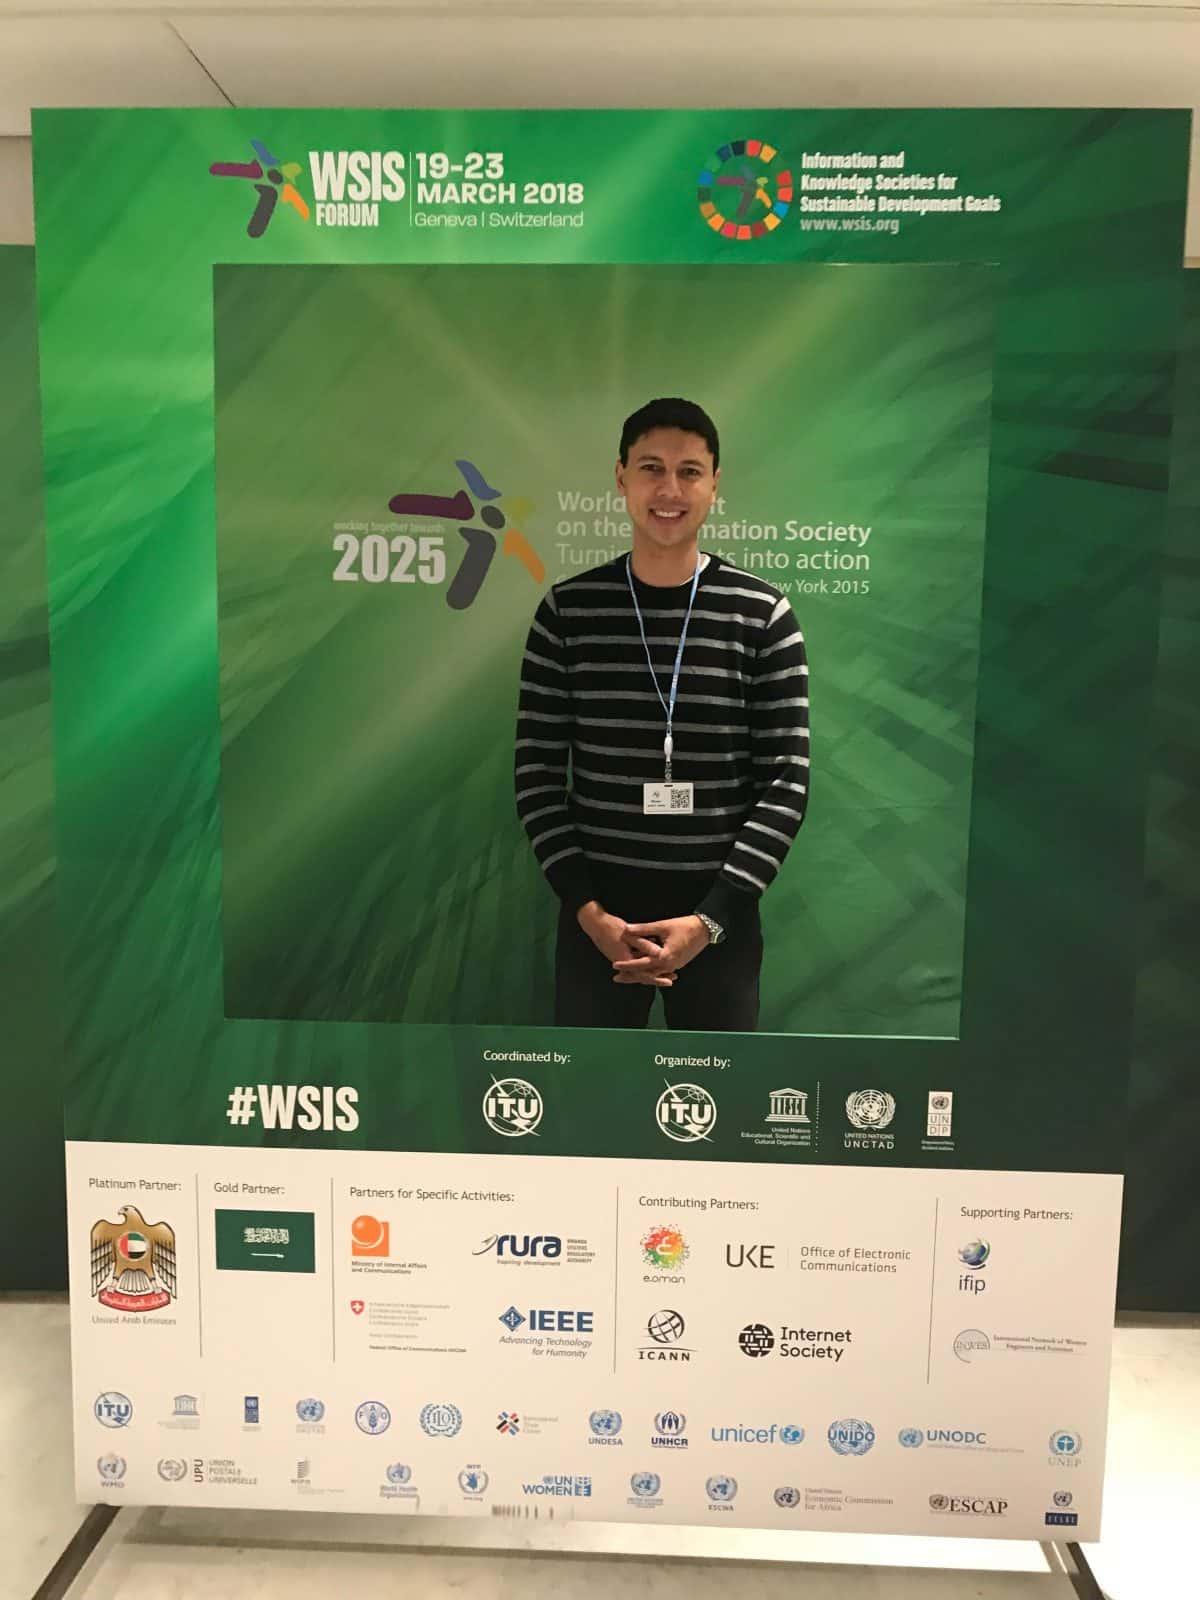 BetterStudy invité à l'ONU dans le cadre du forum WSIS 2018